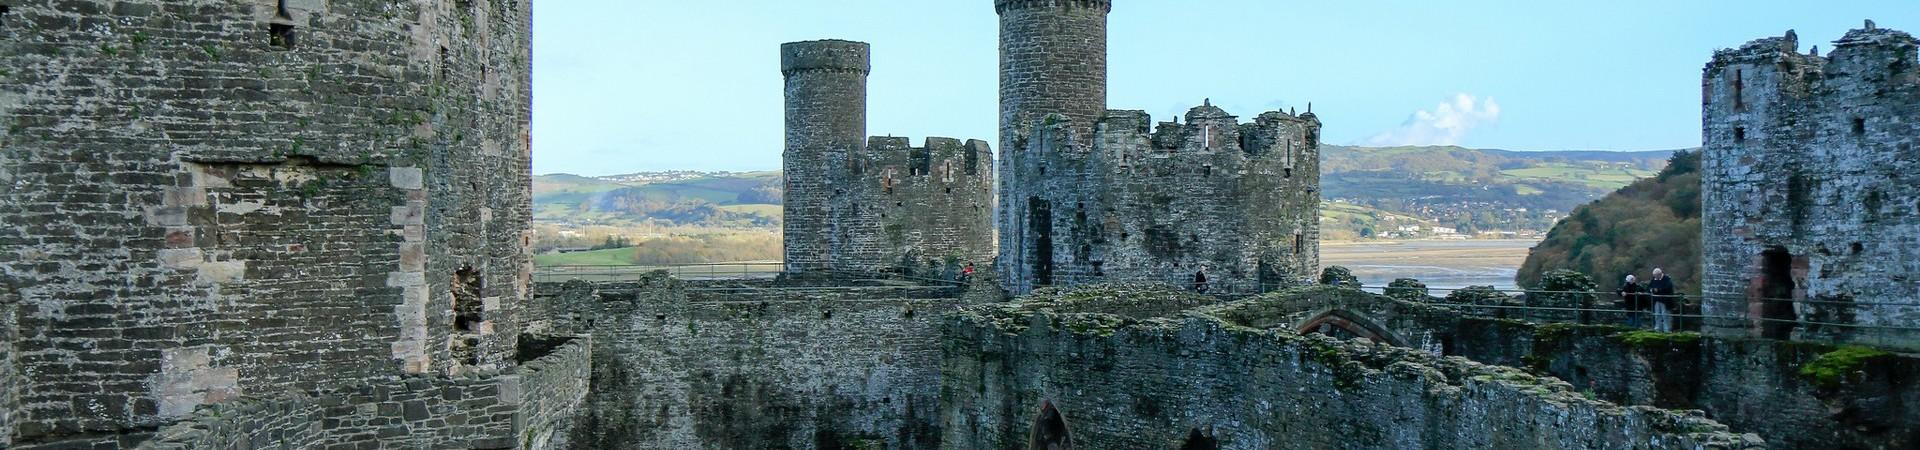 Zamek-Conwy